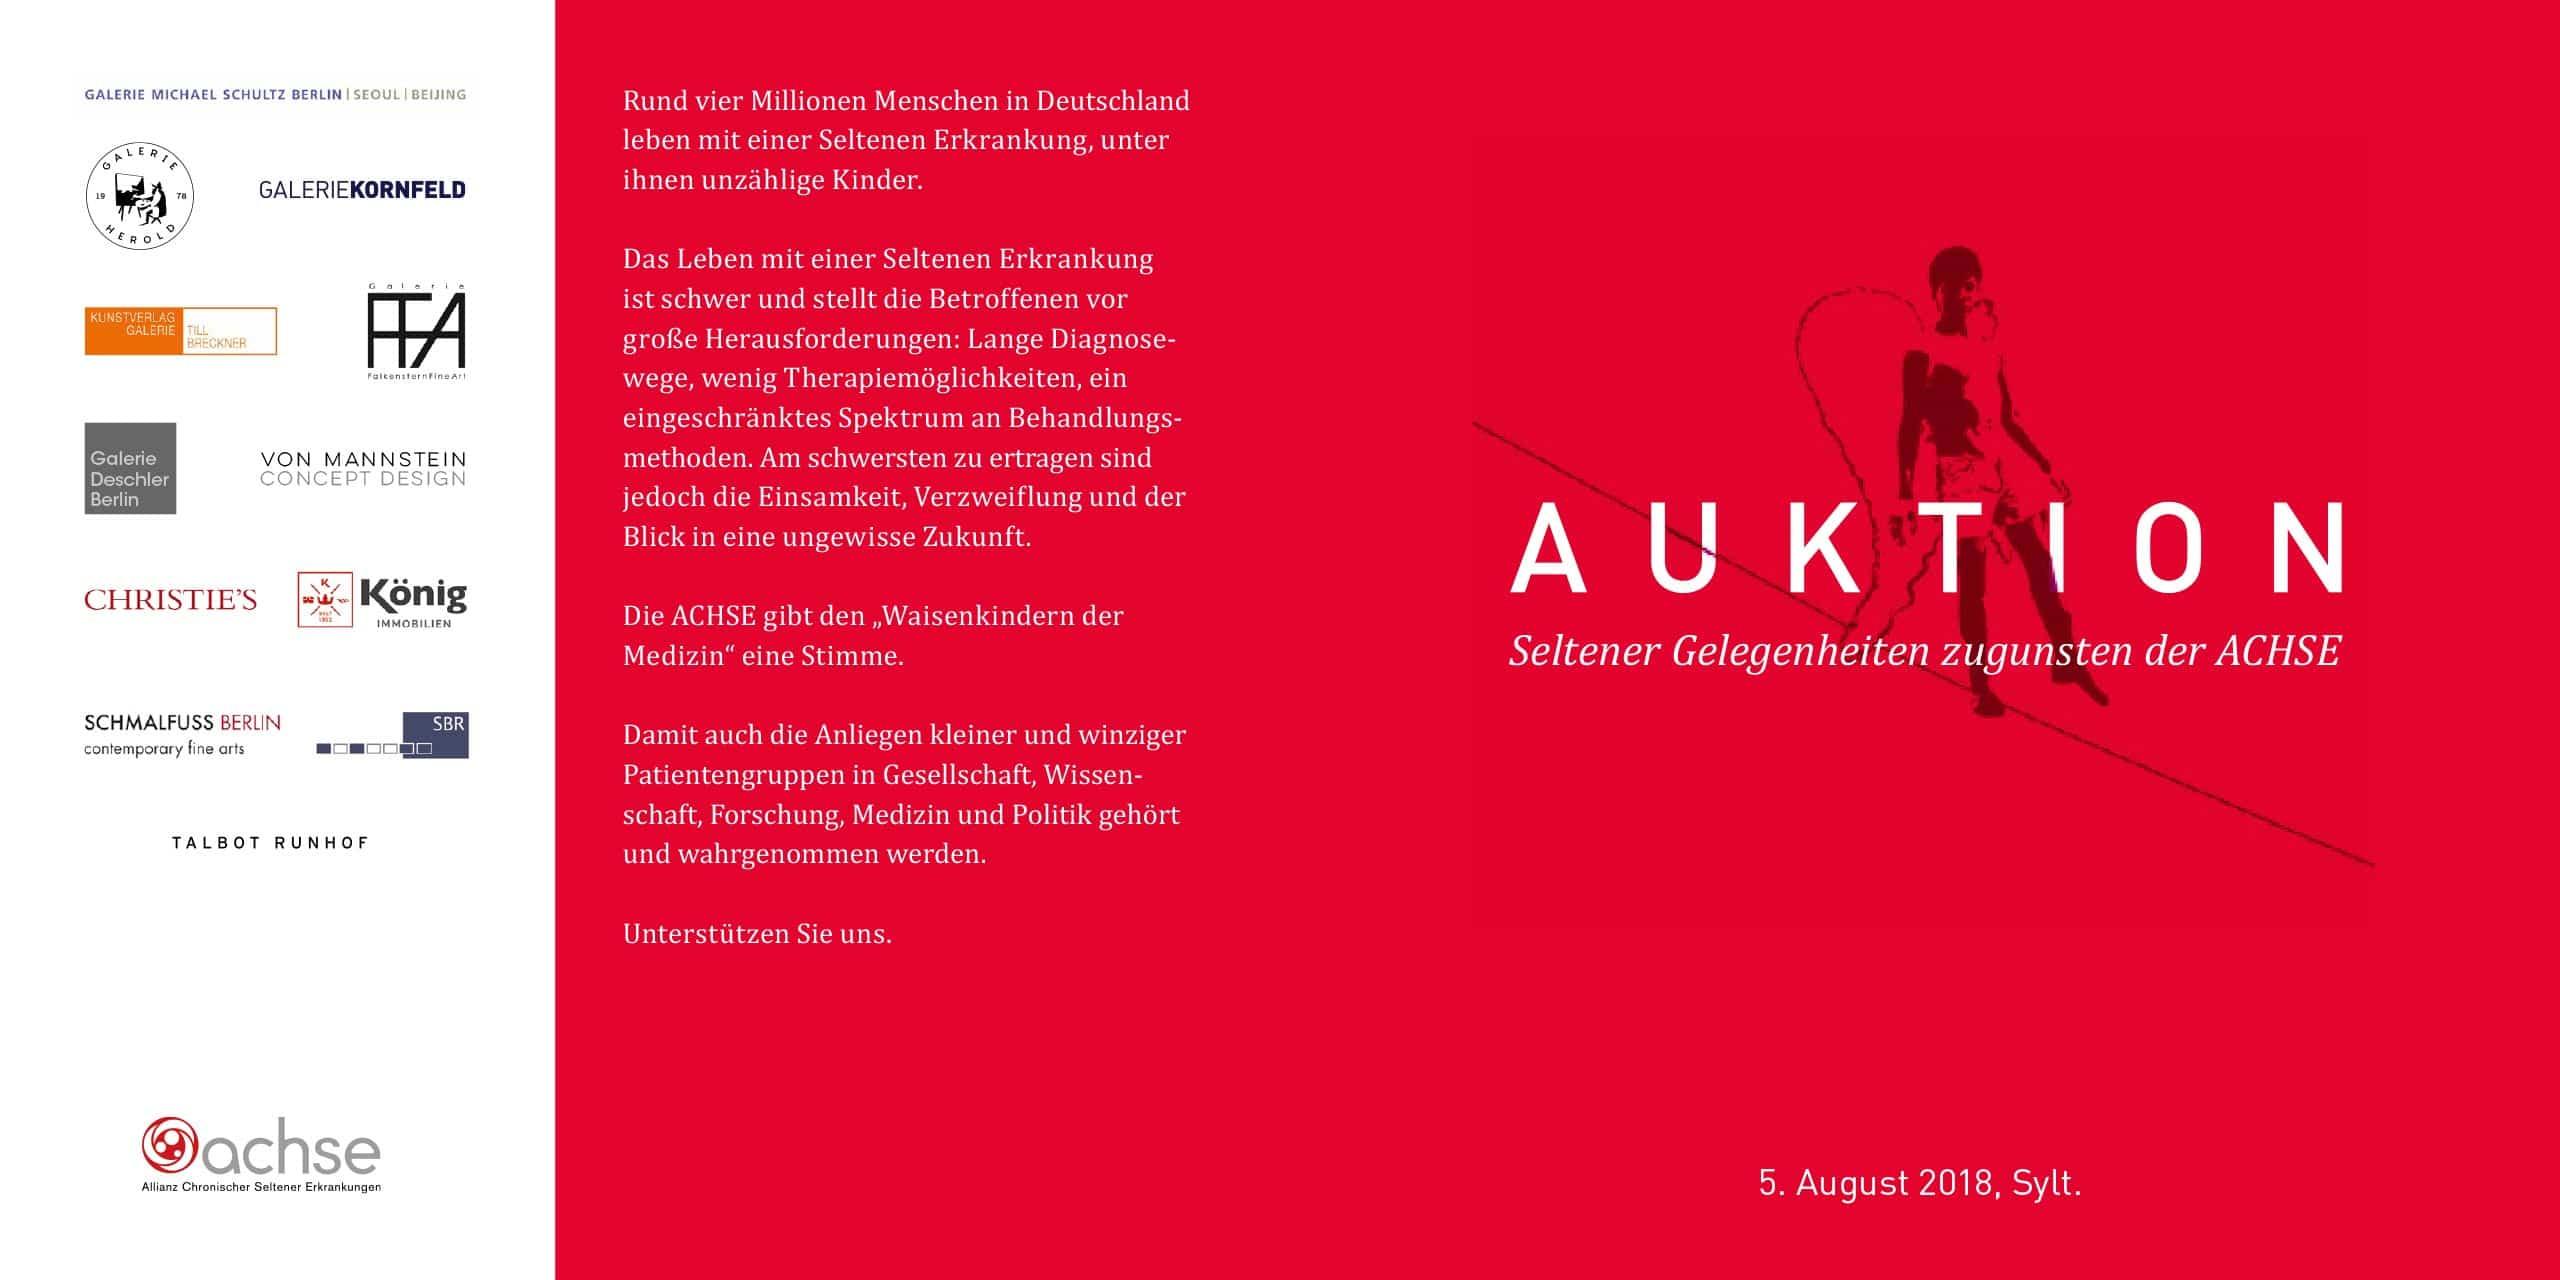 Auktion Seltener Gelegenheiten zugunsten der Achse - 5. August 2018, Sylt. 1